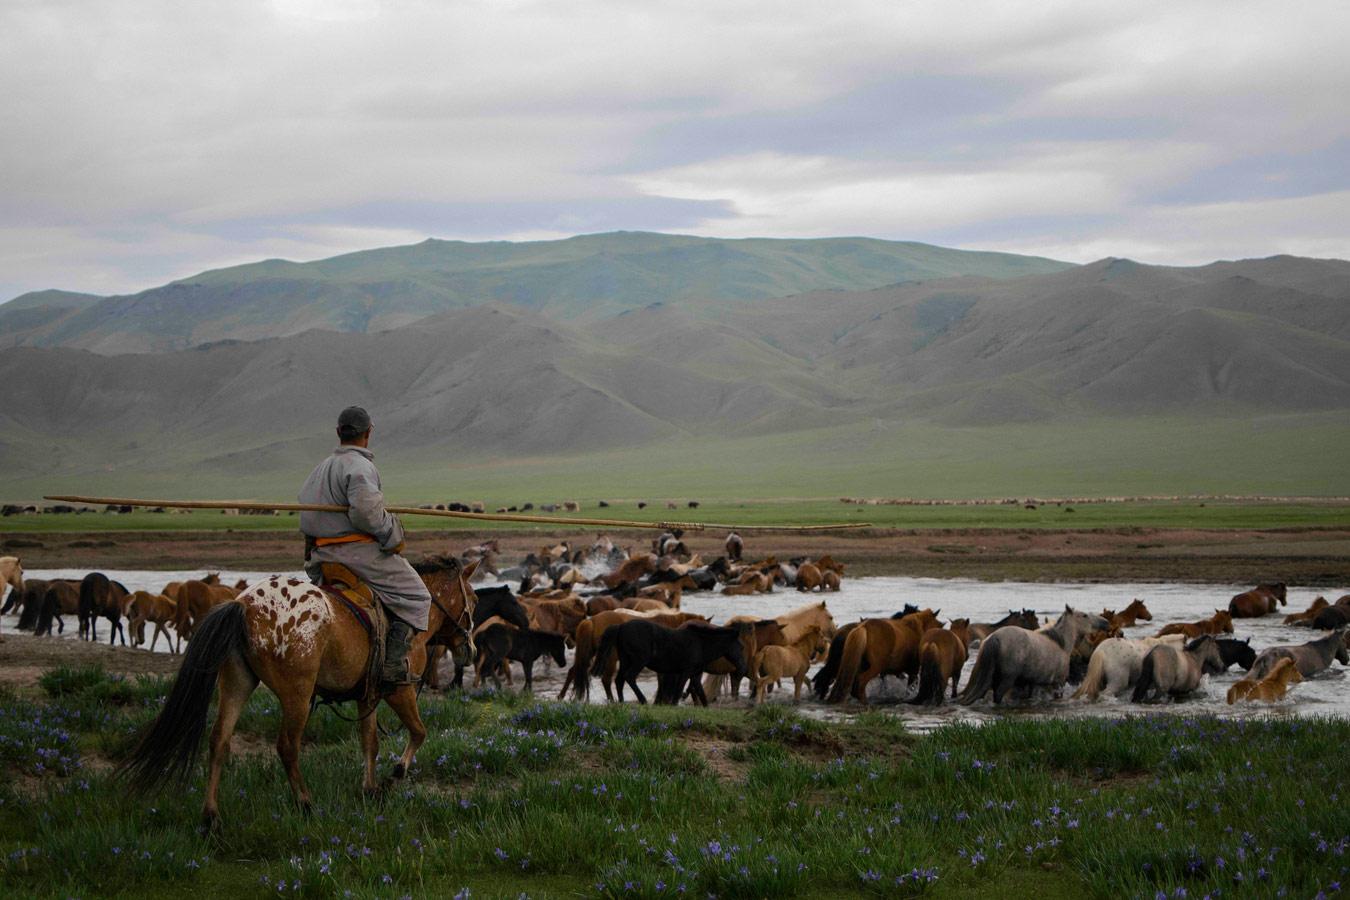 Времена года в Монголии, © Димитрий Сташевский, Филадельфия, США, Финалист категории «Портреты» : Любитель, Конкурс фотографии «Перспективы» — Perspectives PhotoPlus Expo